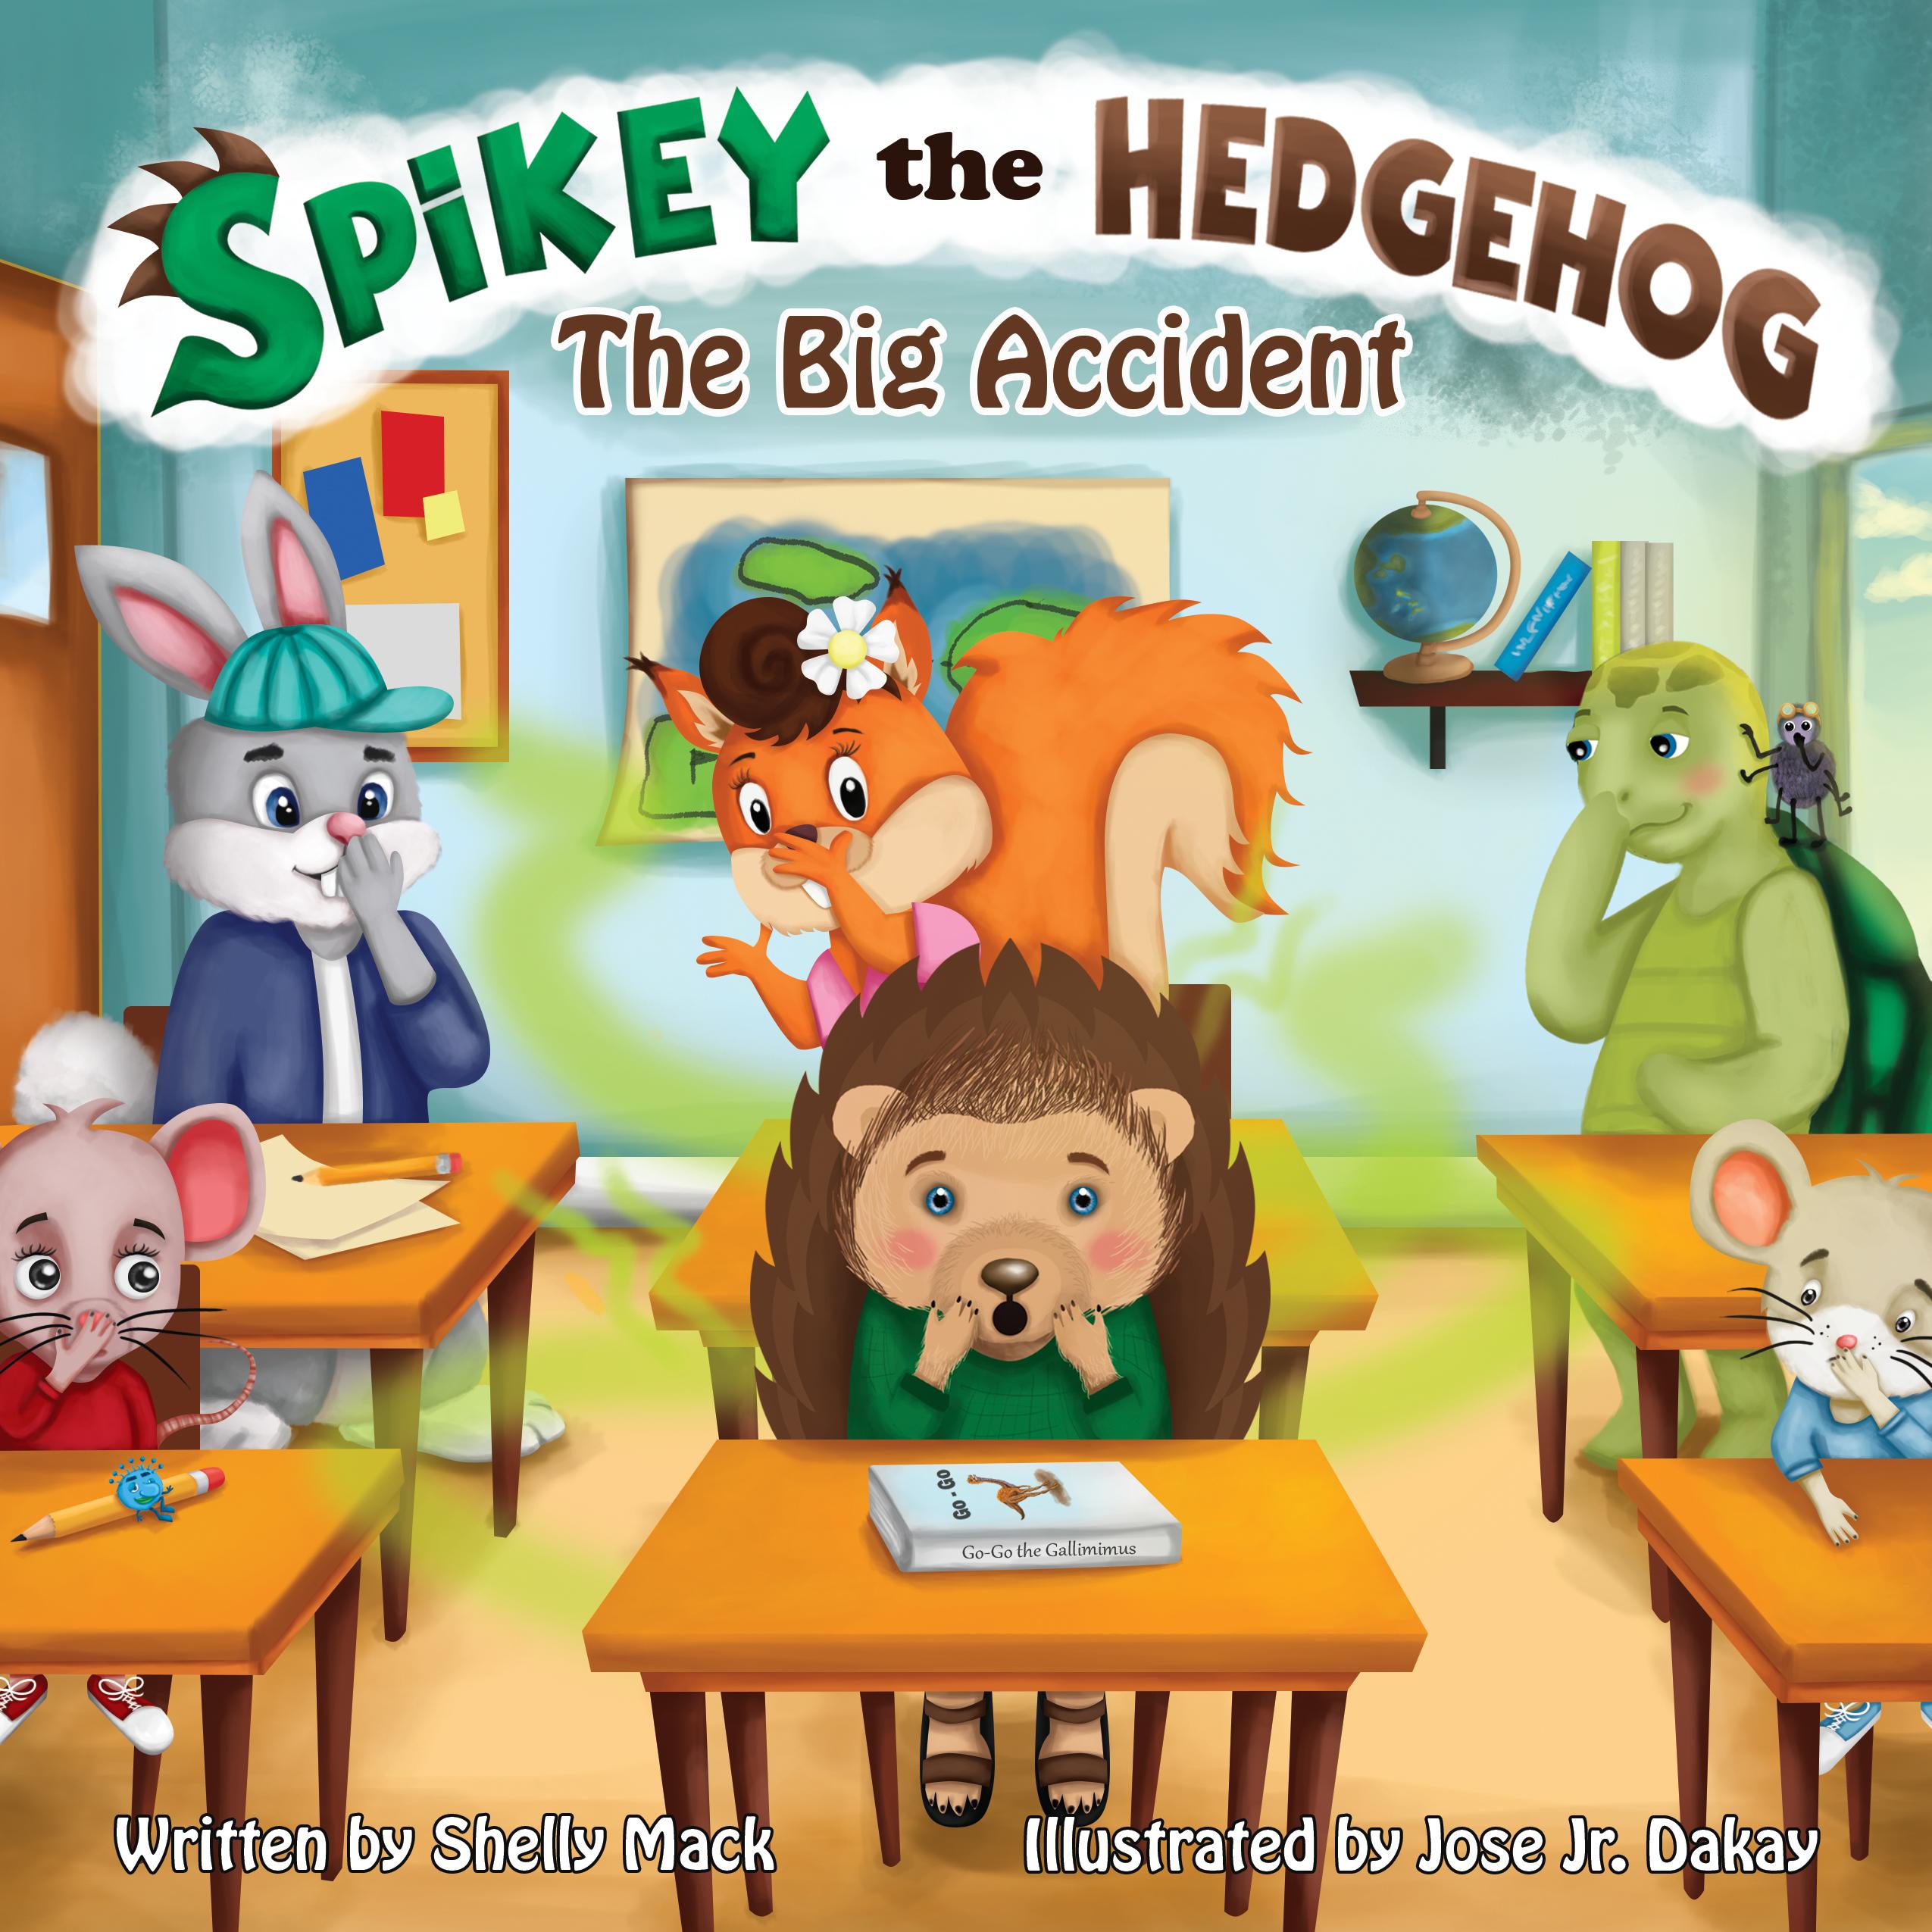 Spikey the Hedgehog by Shelly Mack